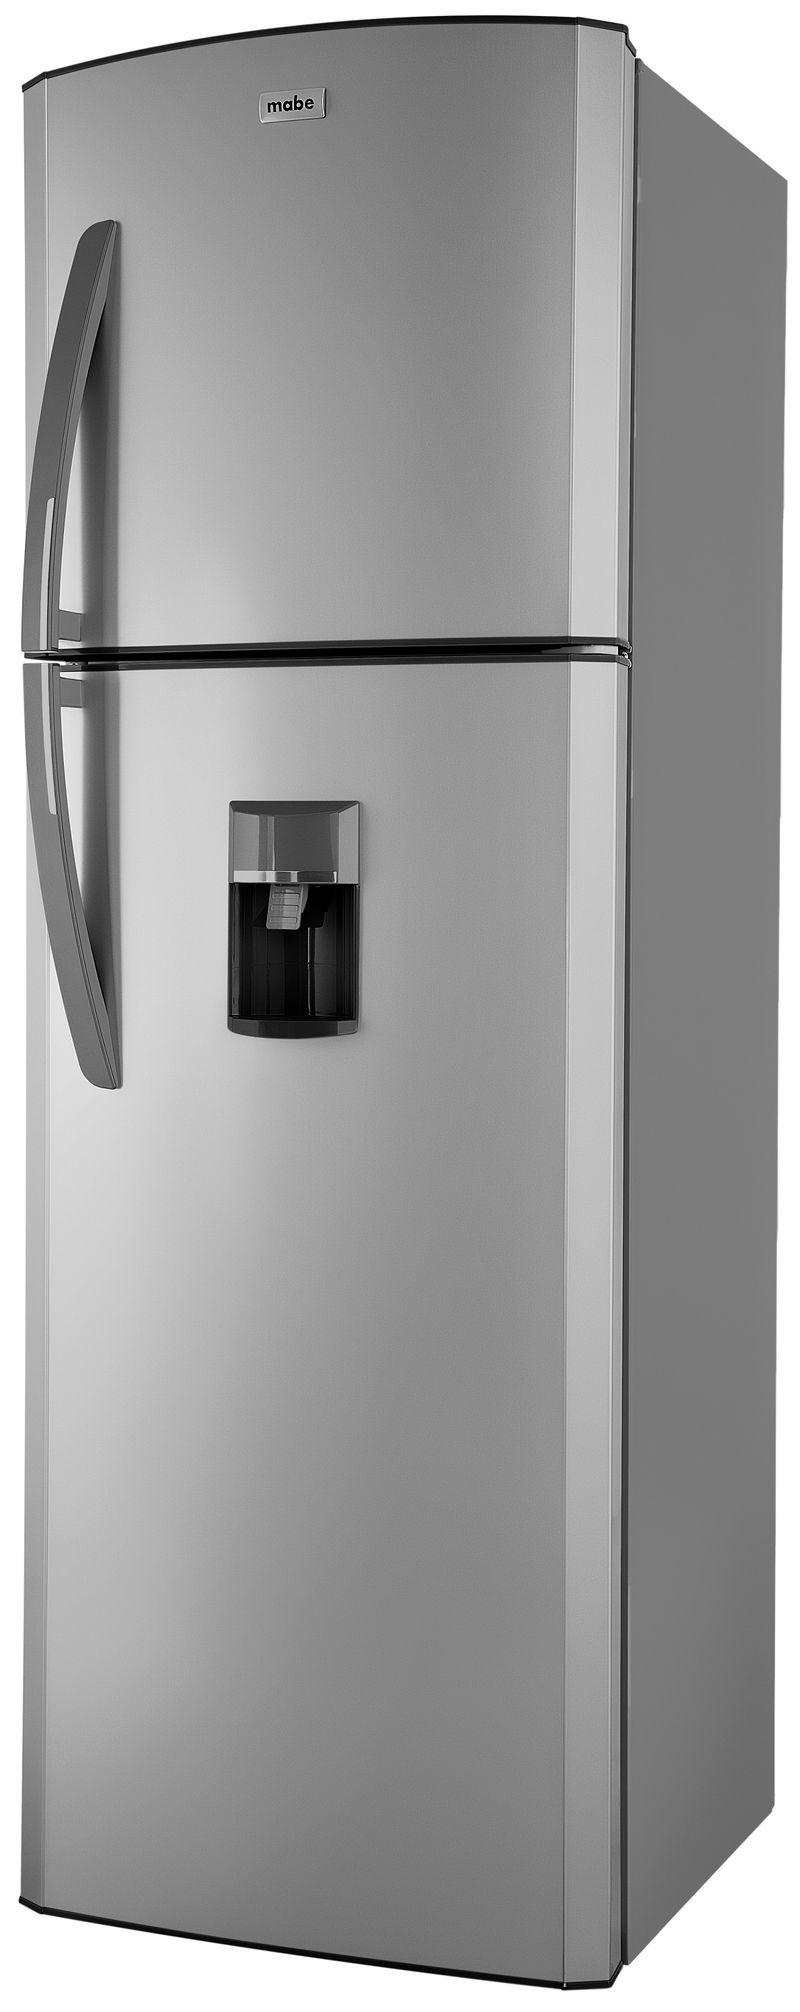 Refrigeradora-Mabe-de-11-pies-No-Frost-RMA300FJNU